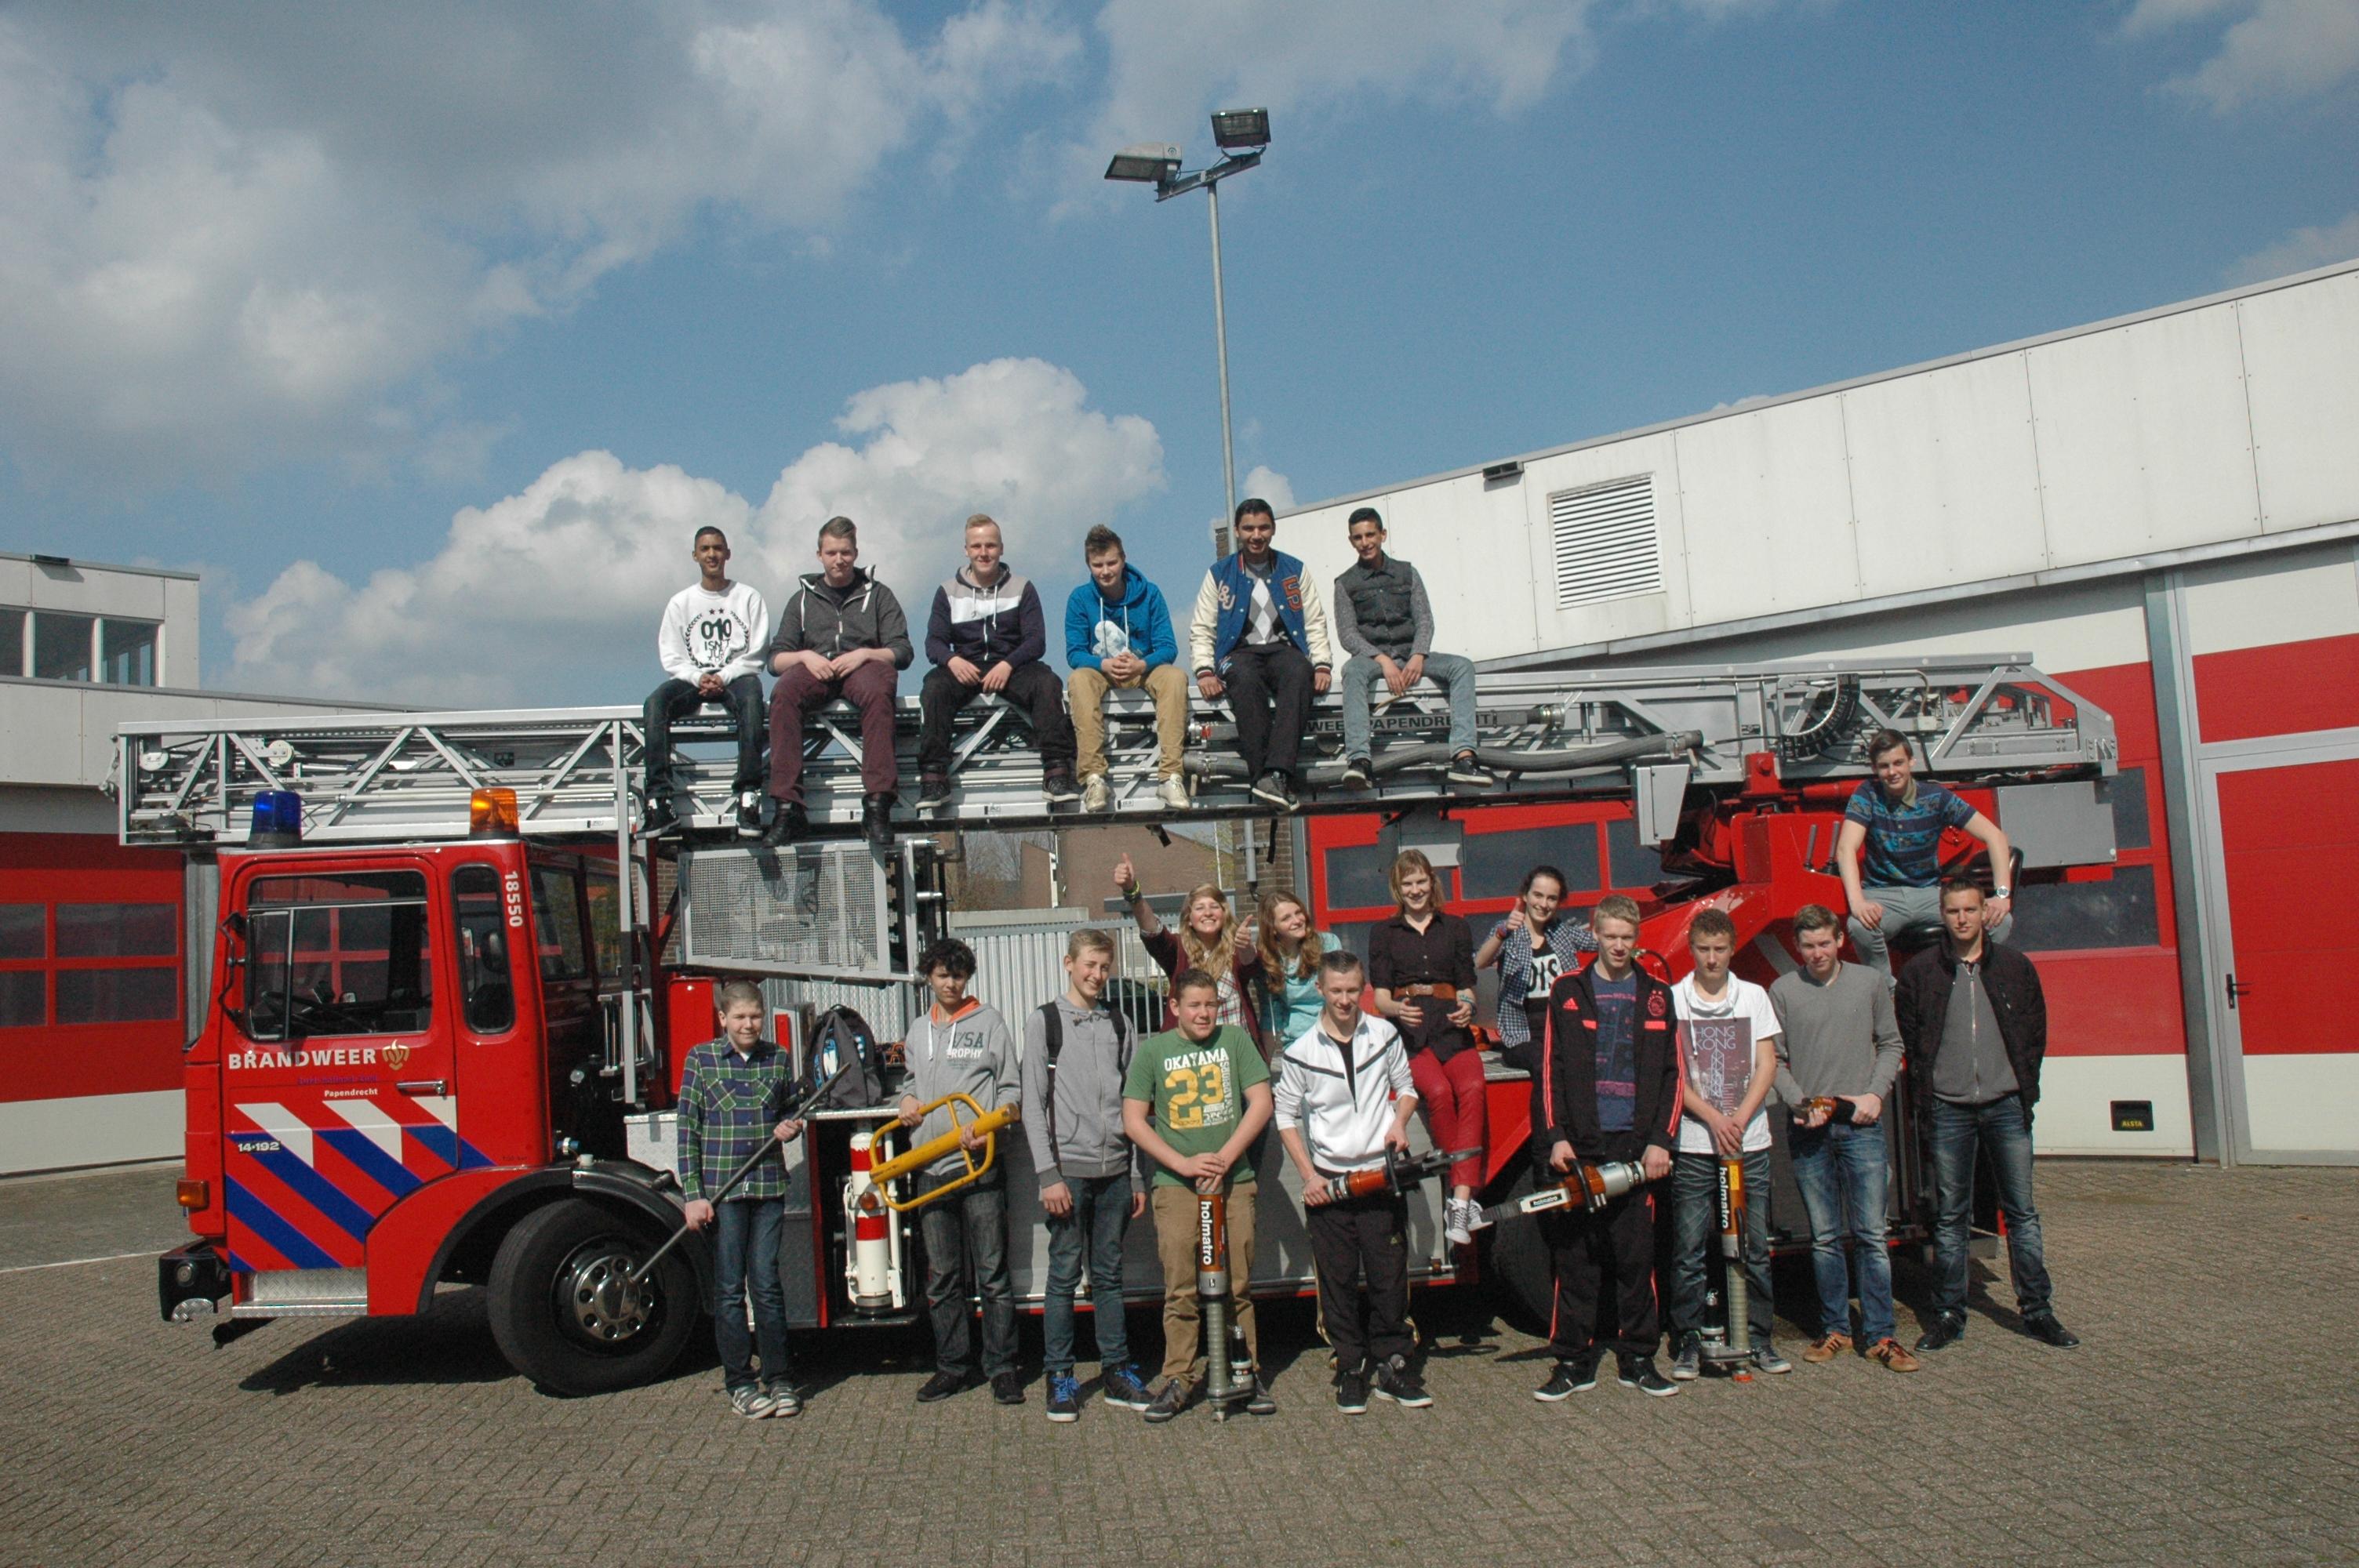 Maatschappelijke stage bij de brandweer Papendrecht